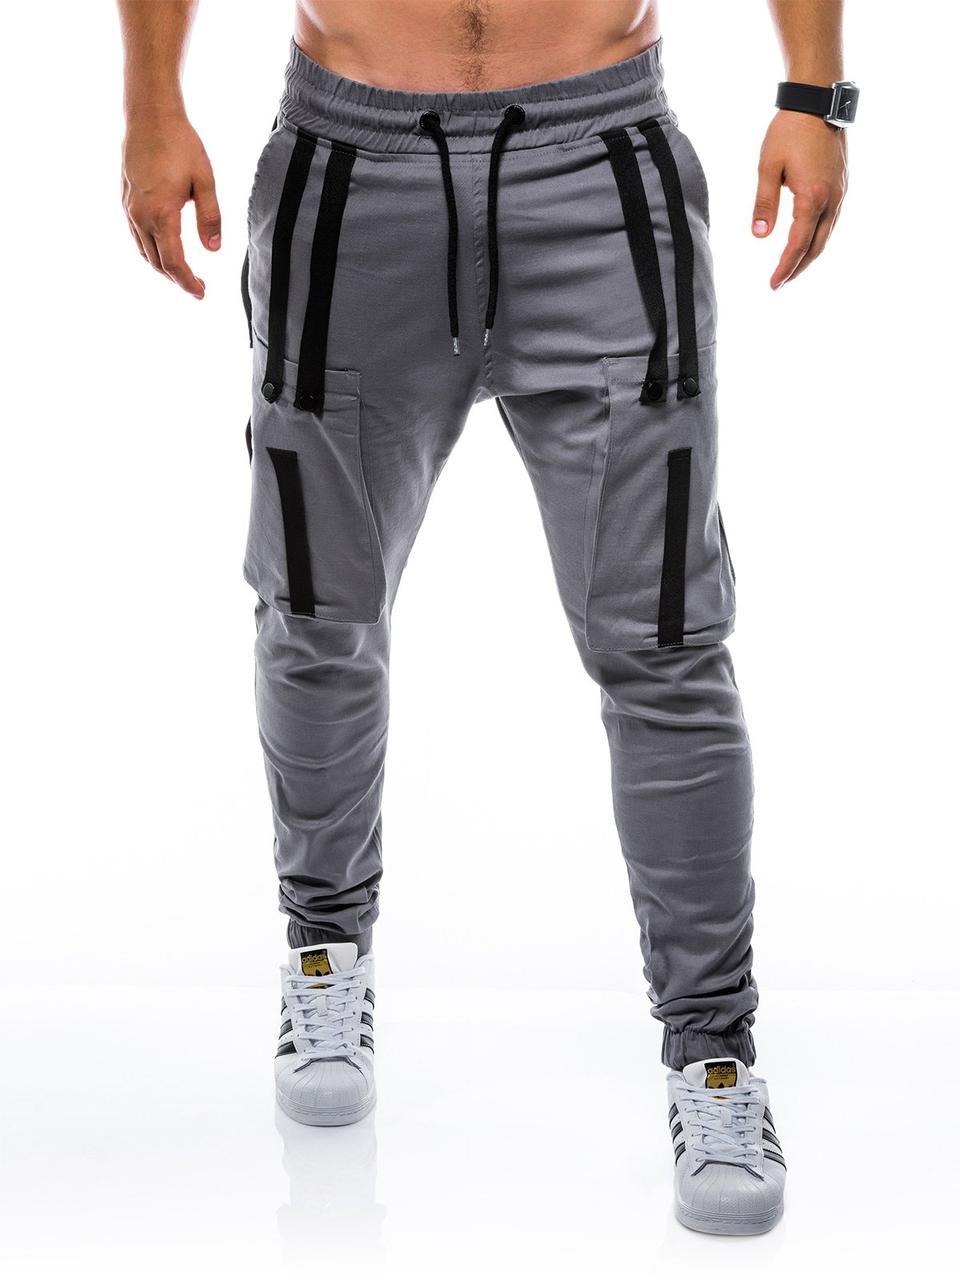 Мужские светлые штаны джоггеры с боковыми карманами карго на манжетах Ombre